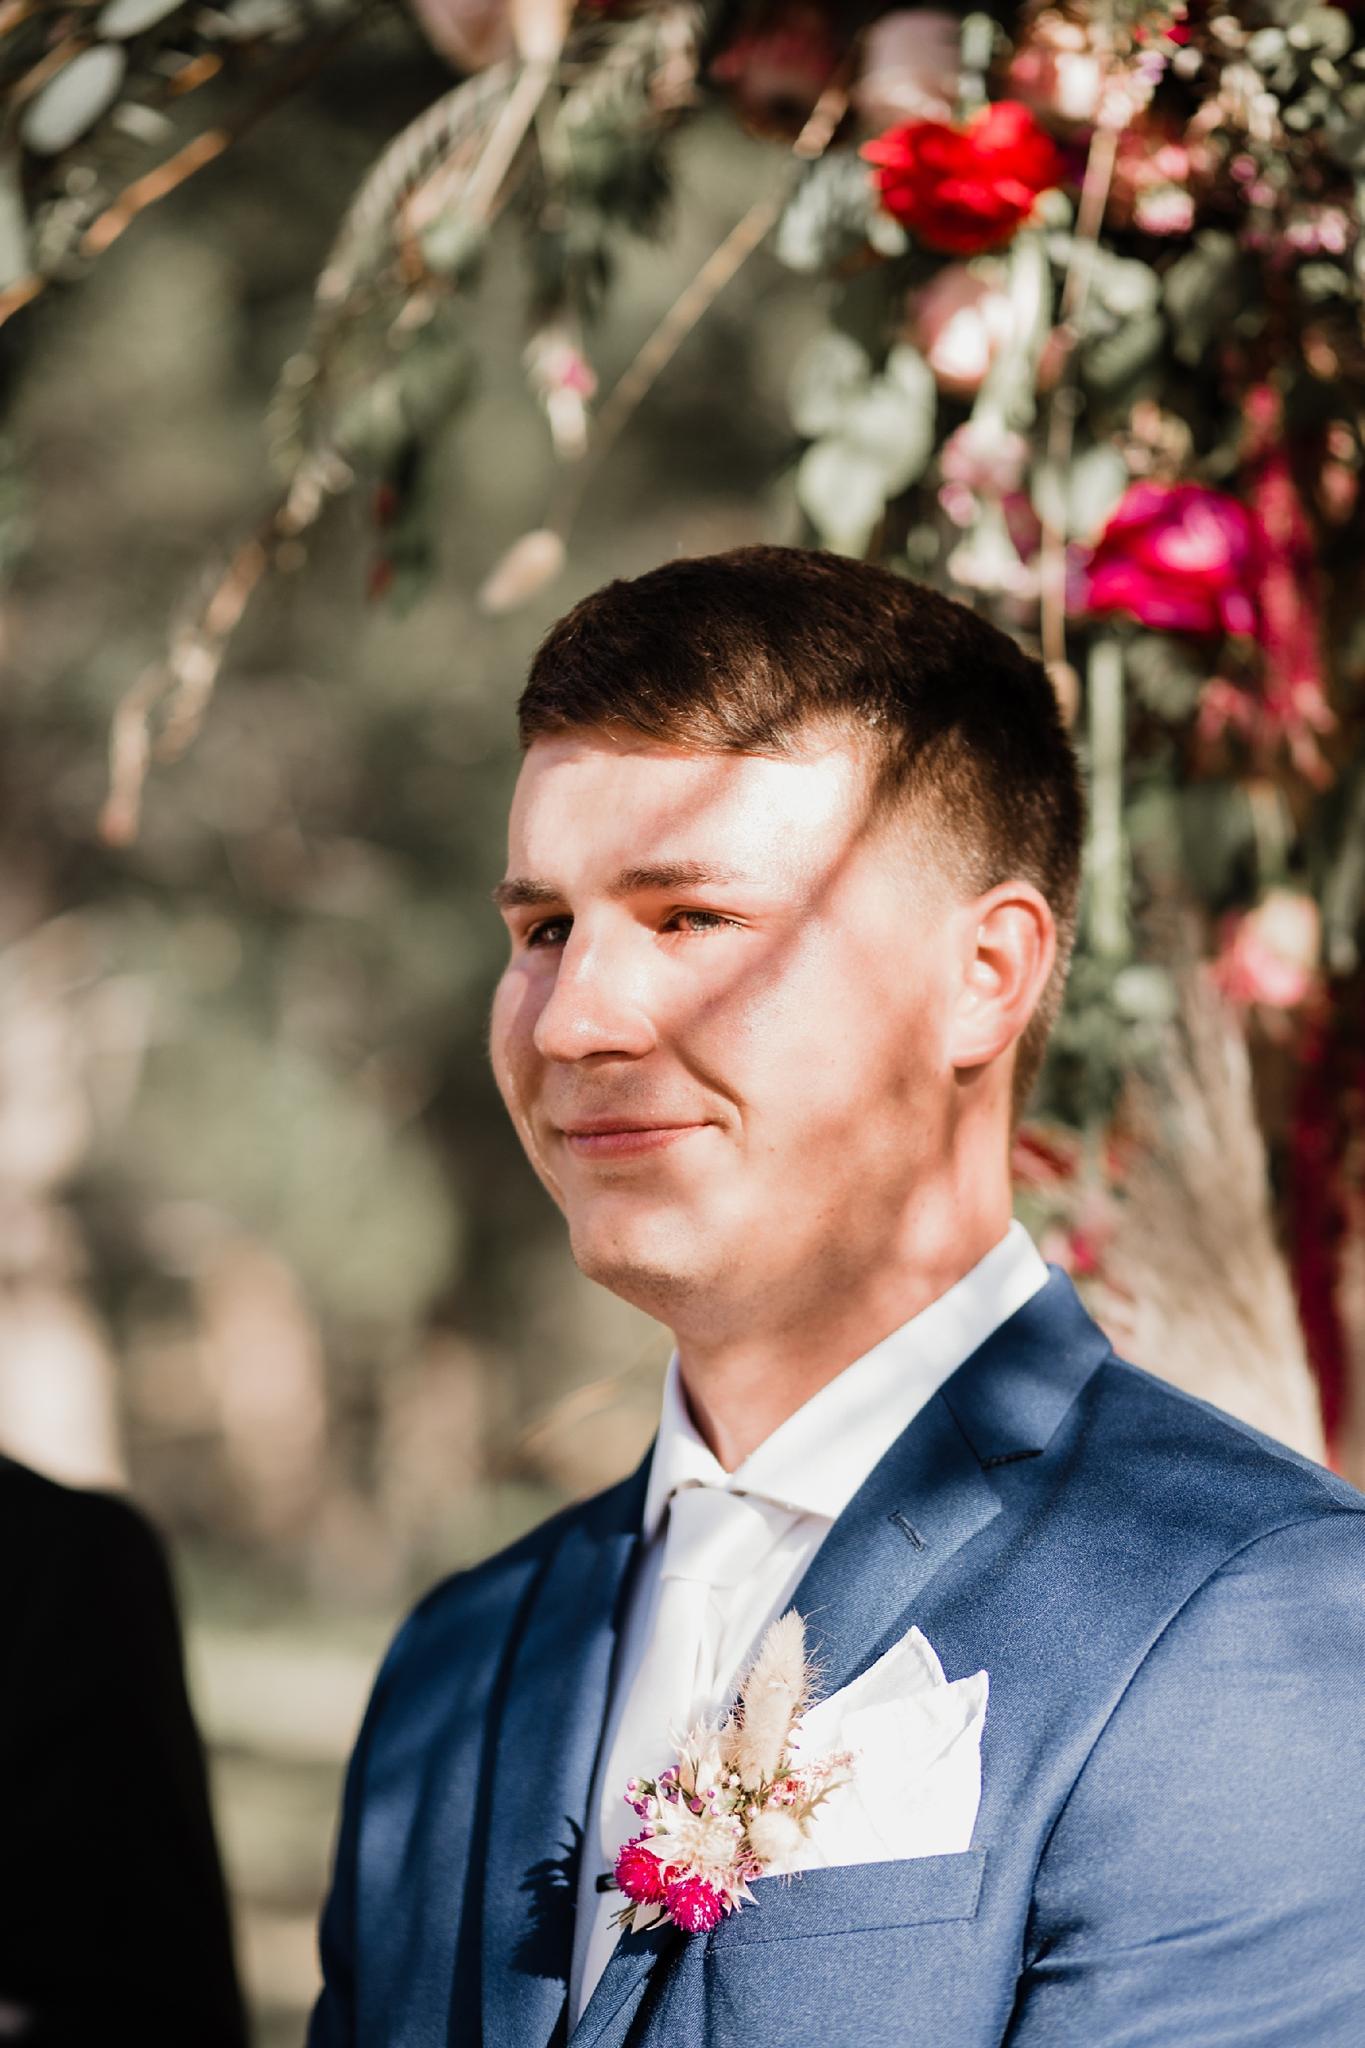 Alicia+lucia+photography+-+albuquerque+wedding+photographer+-+santa+fe+wedding+photography+-+new+mexico+wedding+photographer+-+new+mexico+wedding+-+new+mexico+wedding+-+barn+wedding+-+enchanted+vine+barn+wedding+-+ruidoso+wedding_0095.jpg